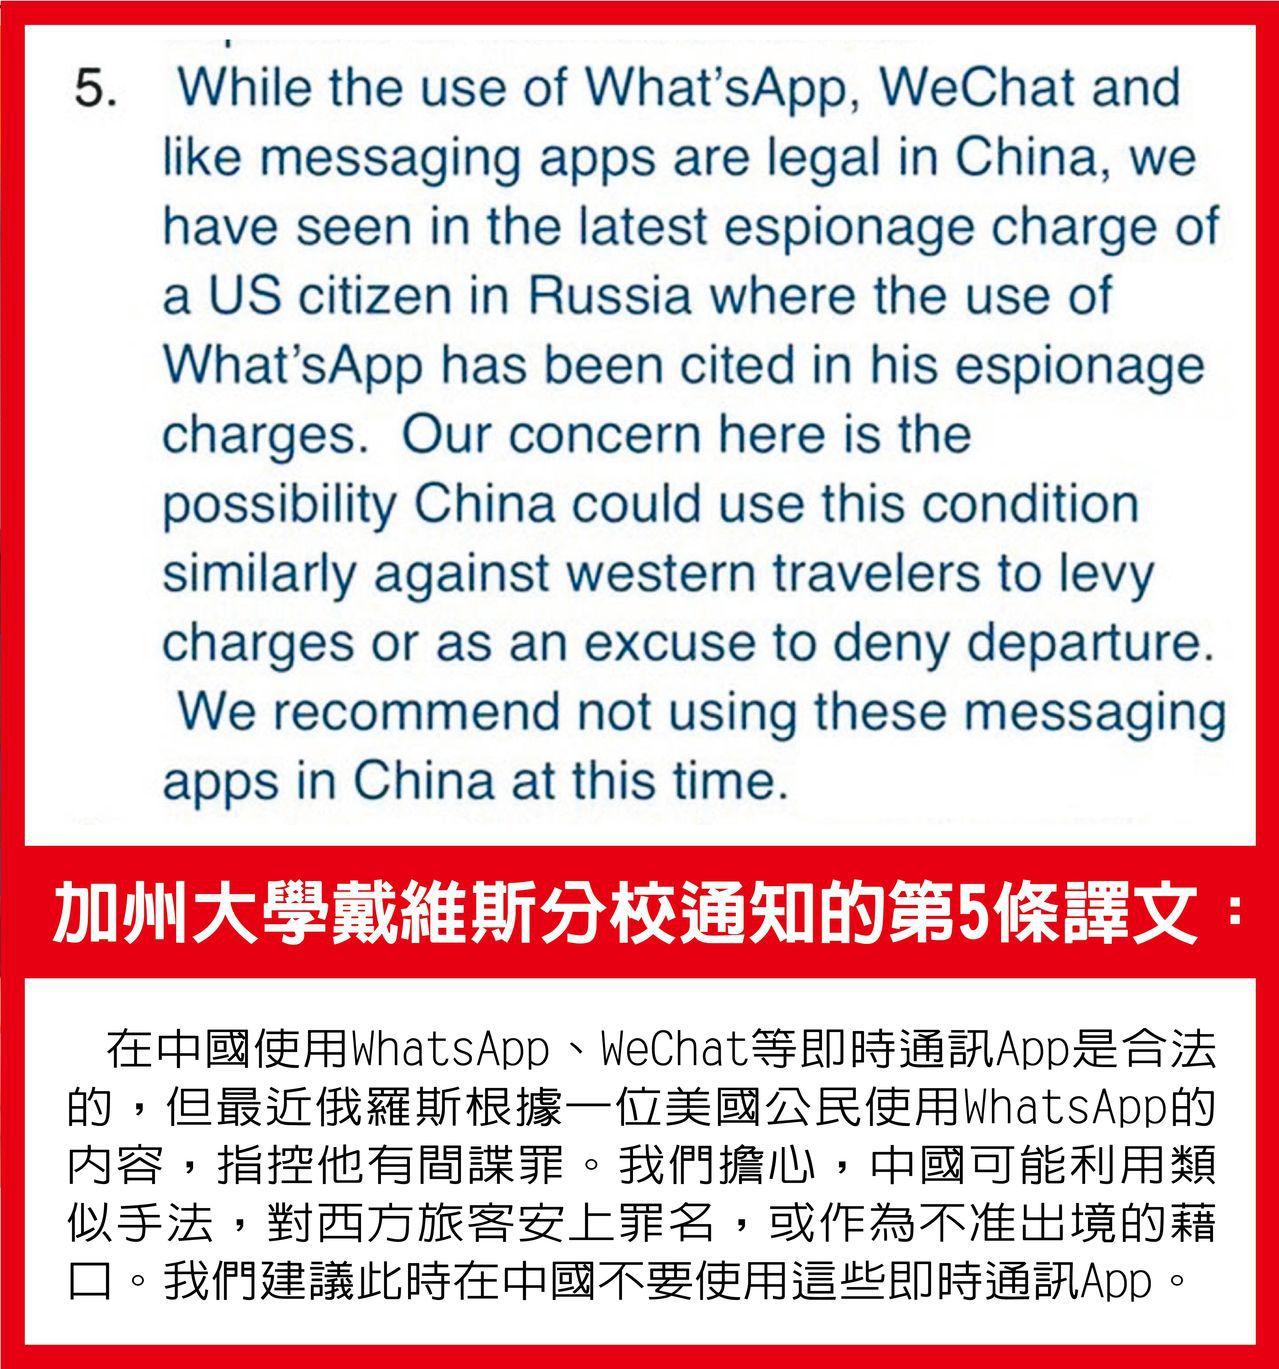 美國研究警告,勿在中國勿用社群媒體。 世界日報記者陳秋萍/翻攝